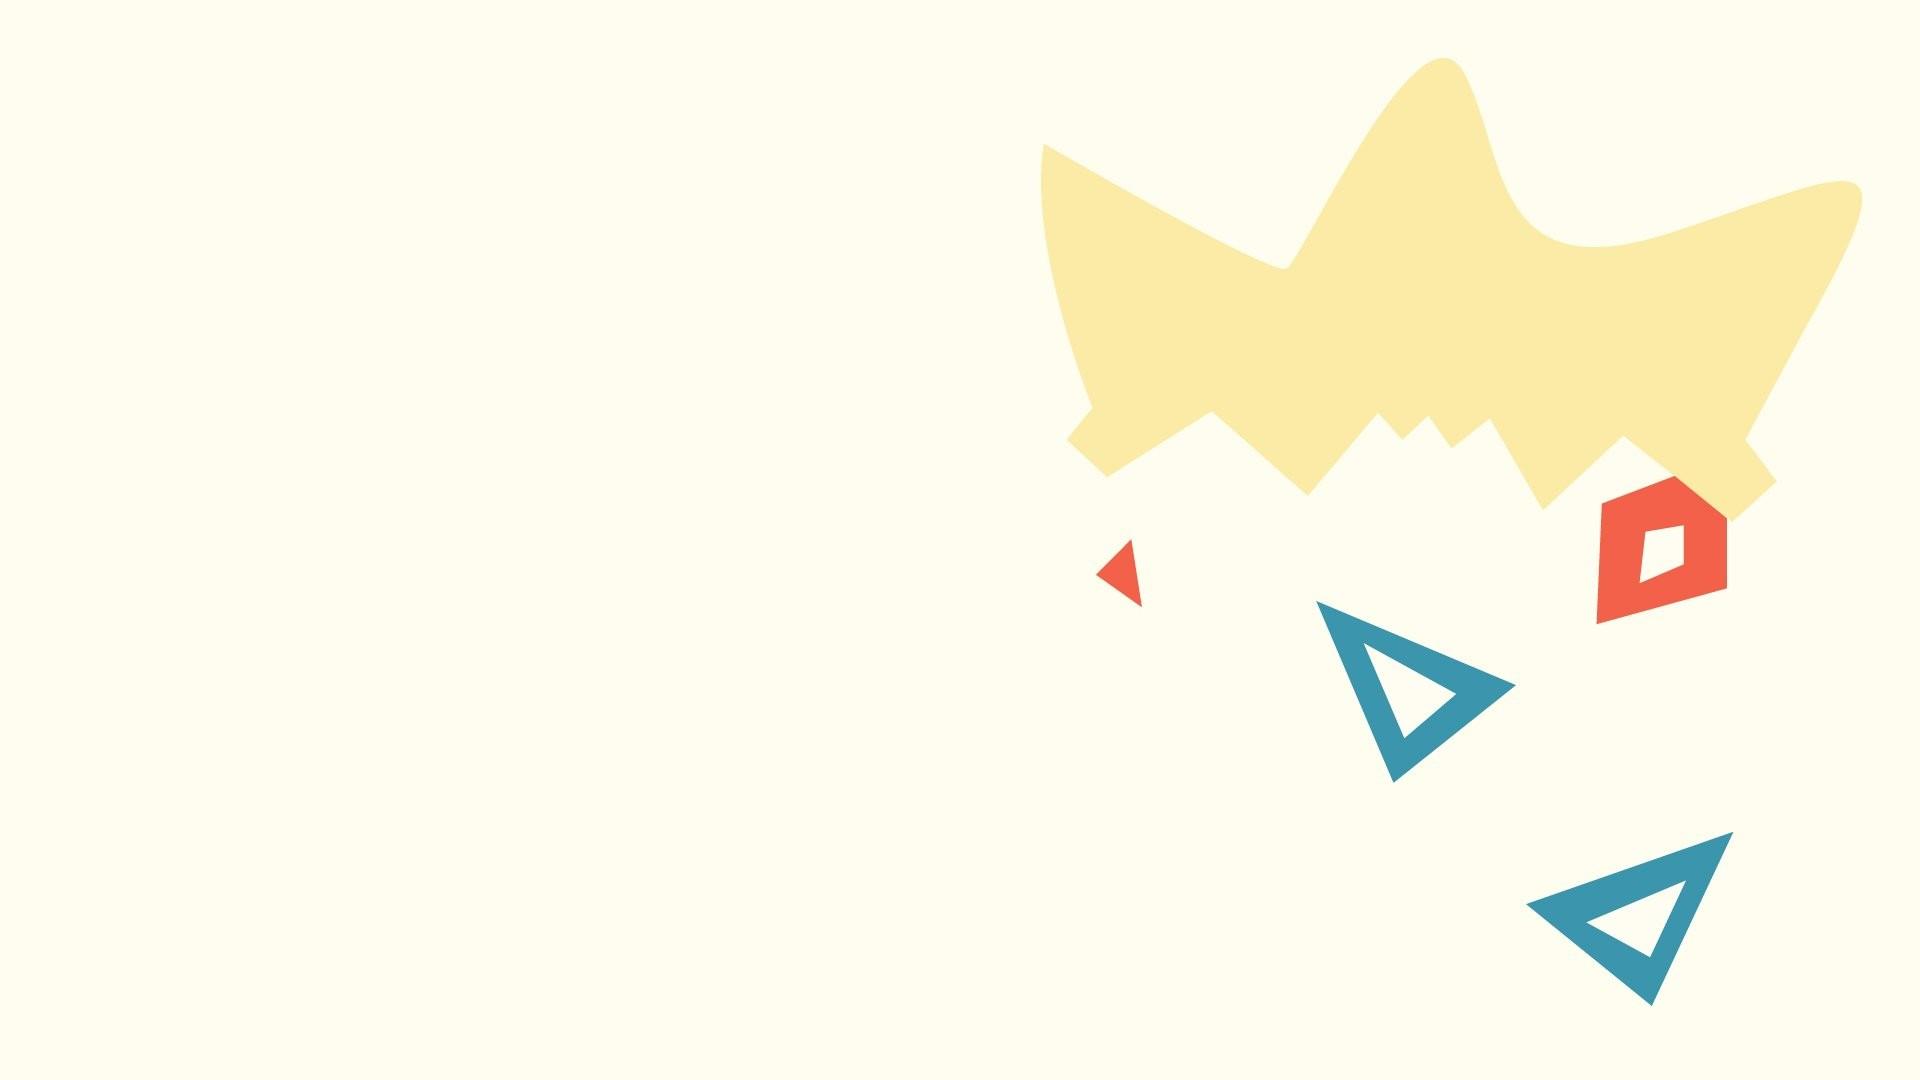 Minimalist Pokemon. Ninetails. | Pictures I Love | Pinterest | Pokémon,  Minimalist wallpaper and Pokemon stuff